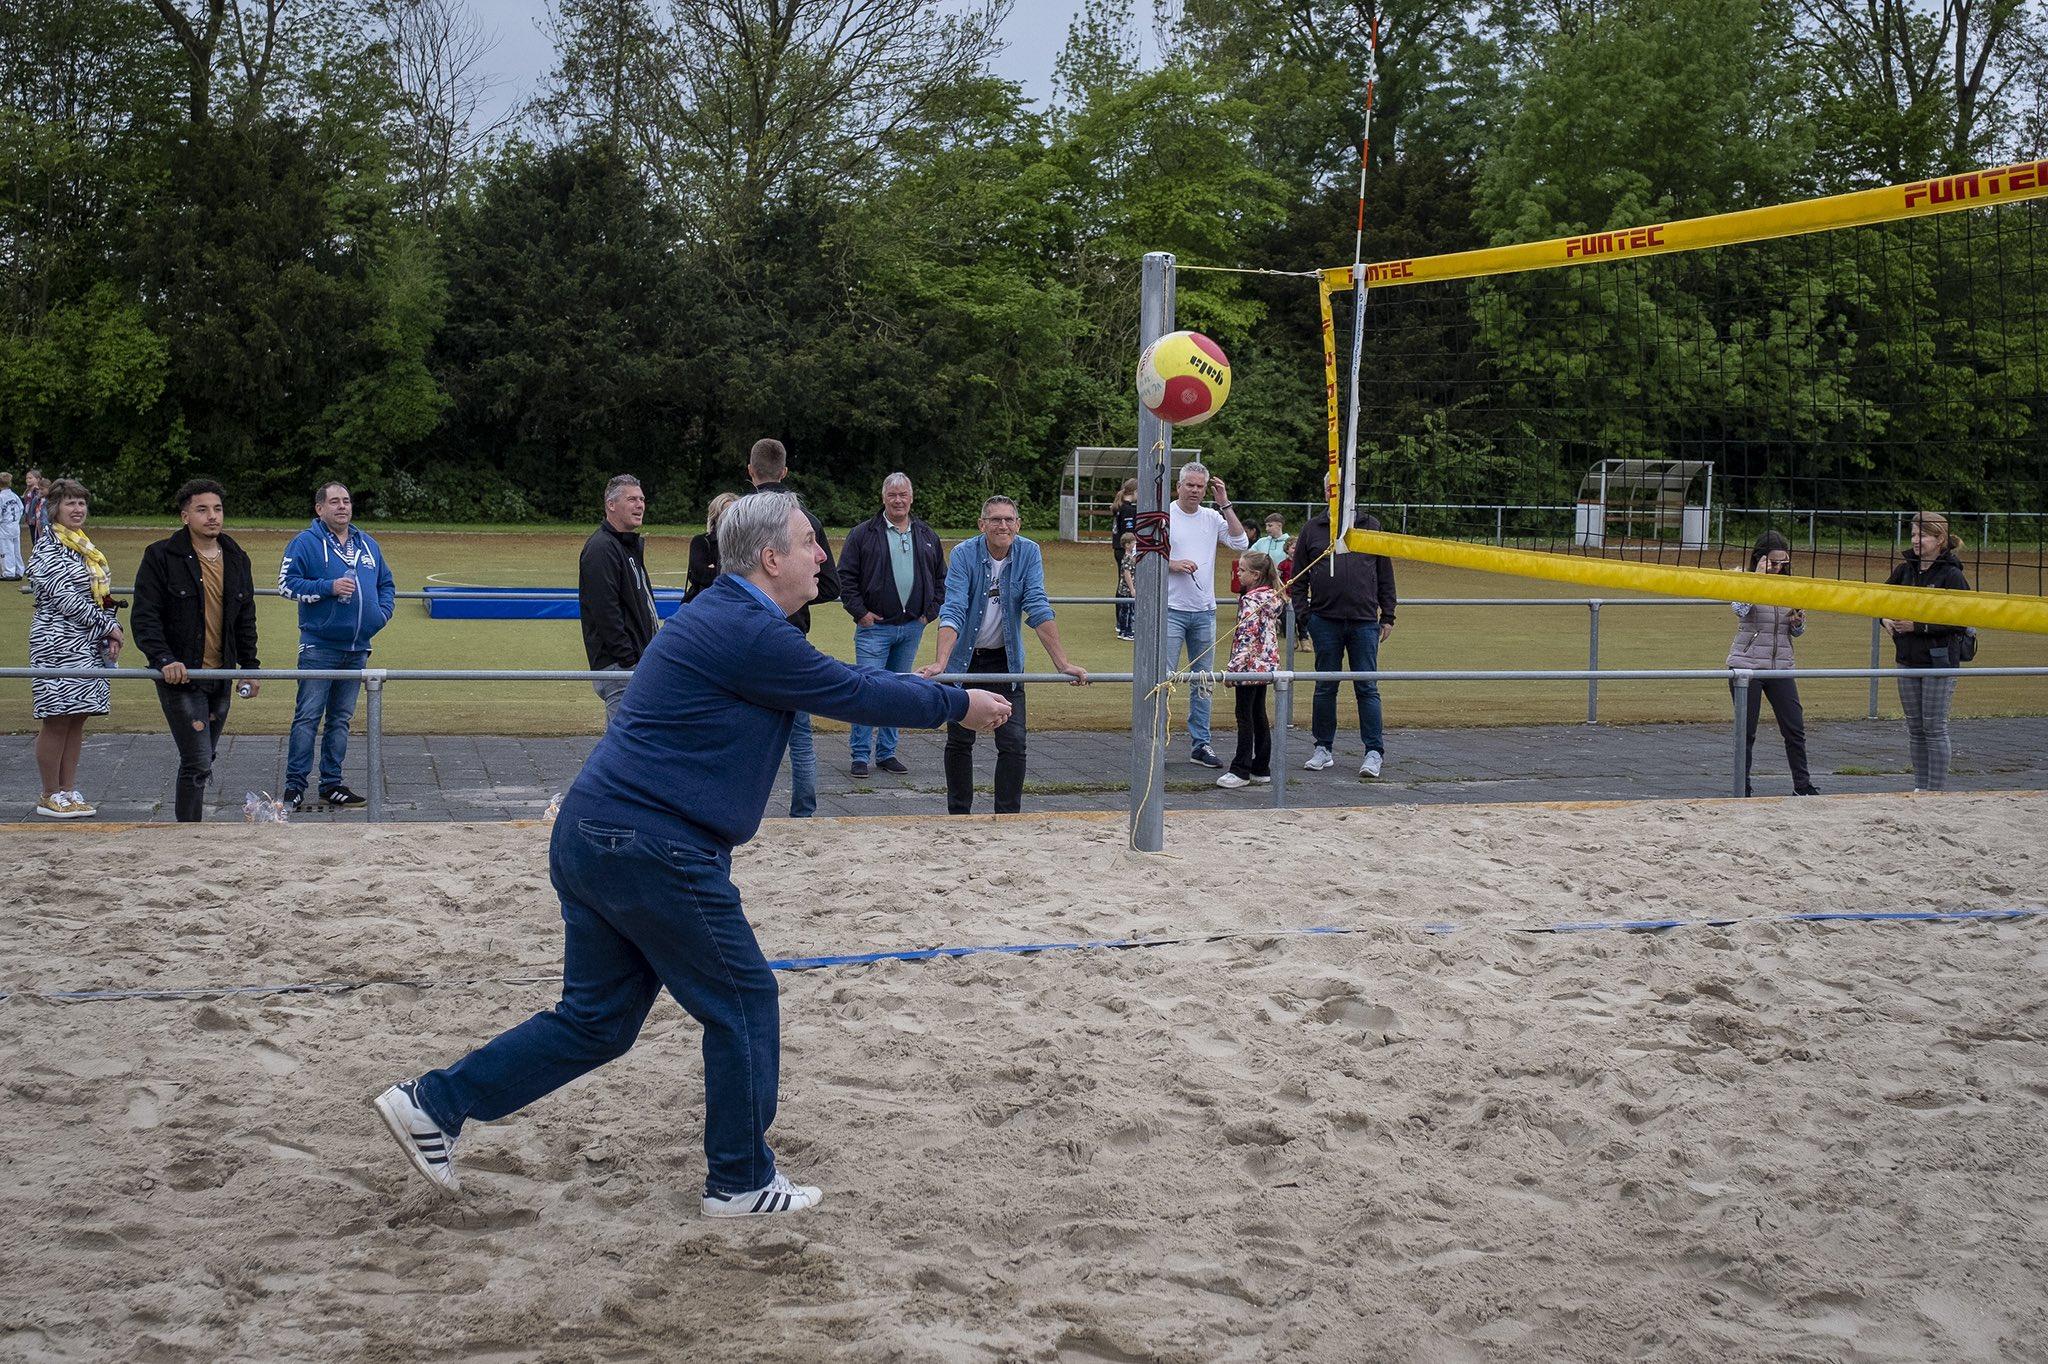 Beachvolleyballen kan deze zomer in Krimpen